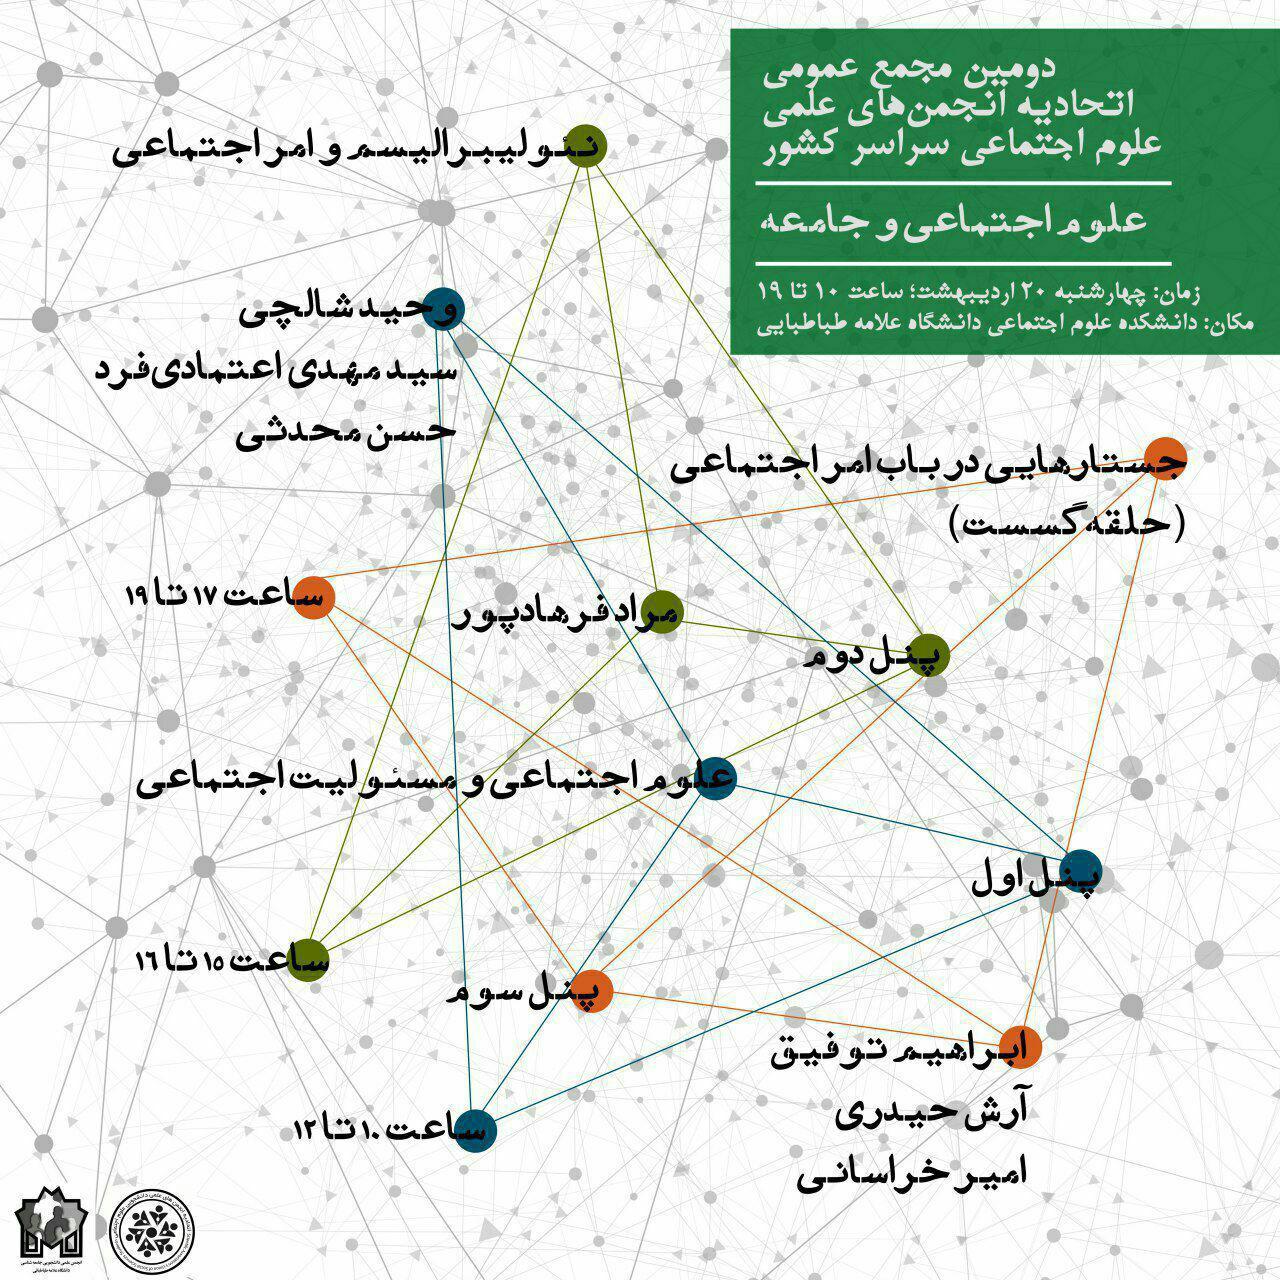 برگزاری مجمع عمومی اتحادیه انجمنهای علوم اجتماعی